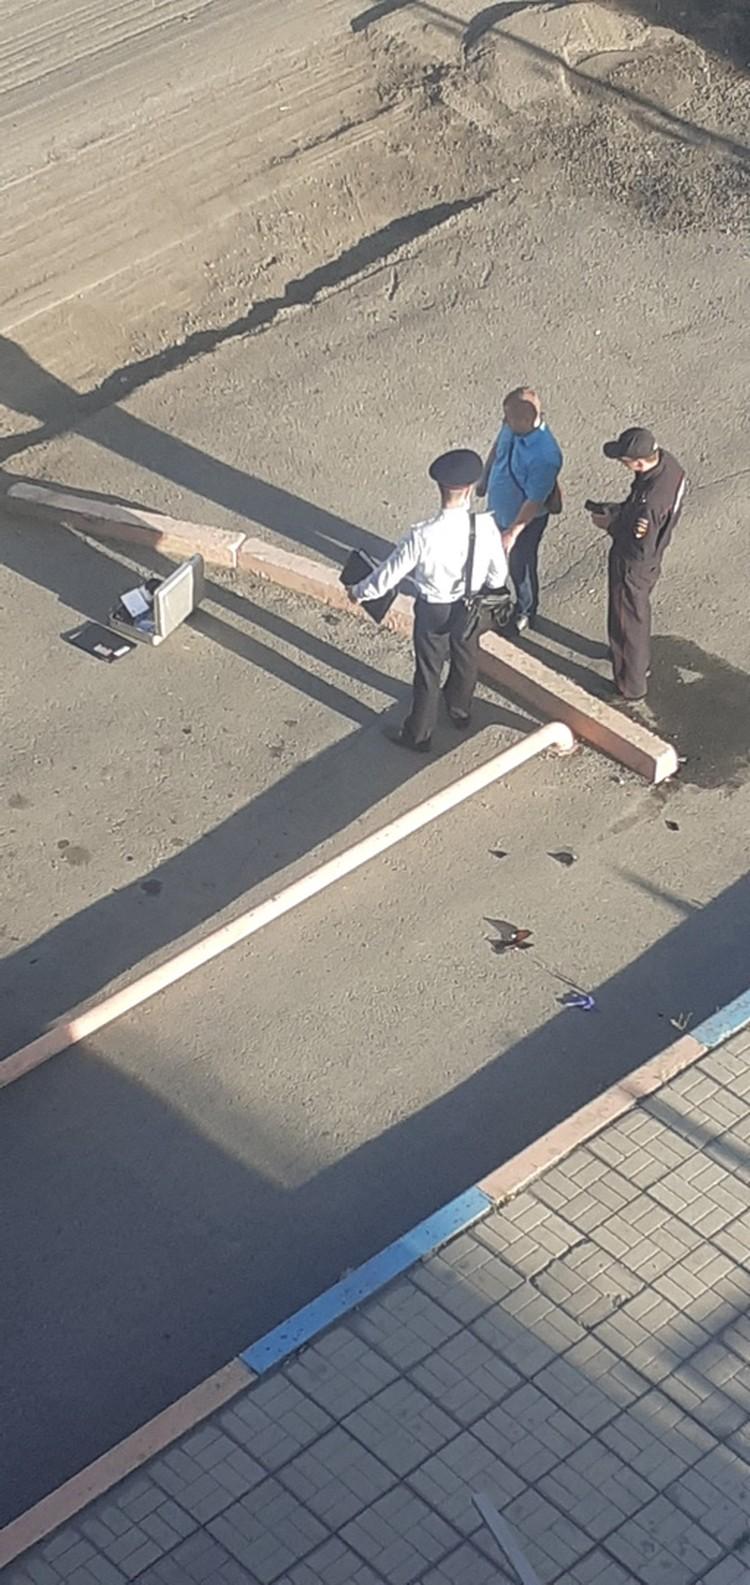 По гильзам пробили данные стрелка. Фото, видео: Подслушано в Ачинске.